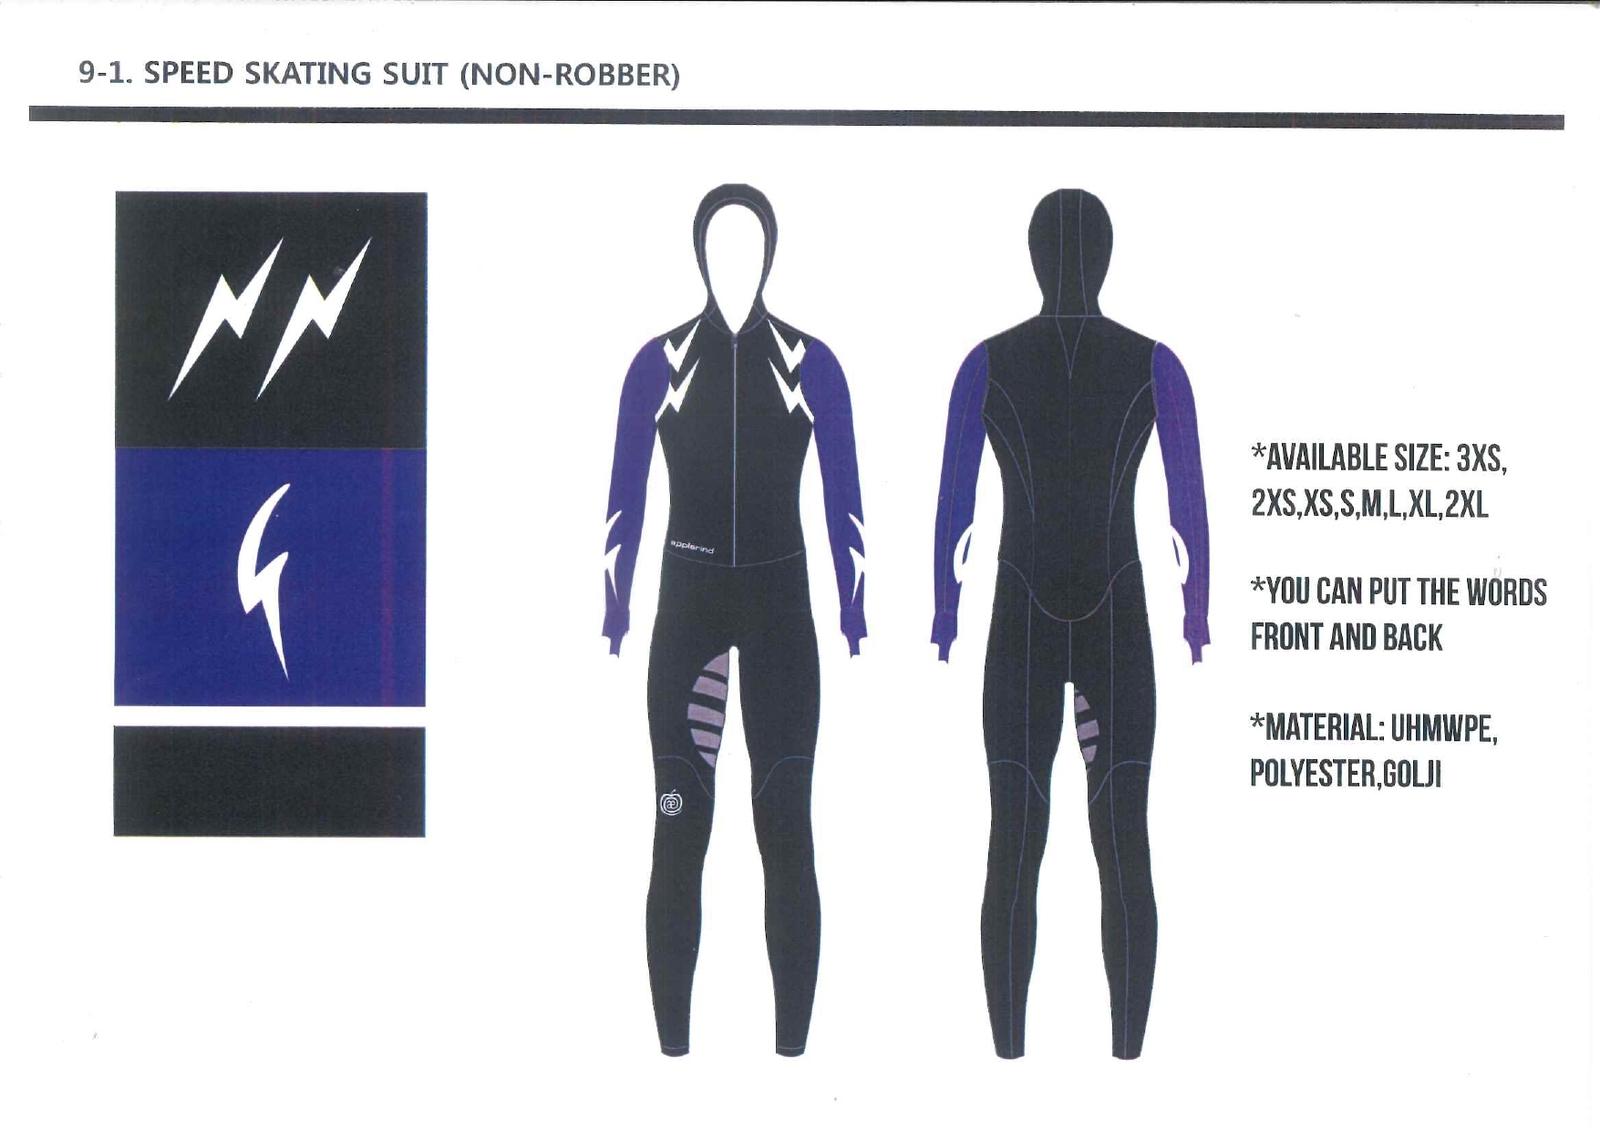 予約販売 スピードスケート ワンピース レーシングスーツ アプルラインド 伸縮性抜群 長峰スポーツ